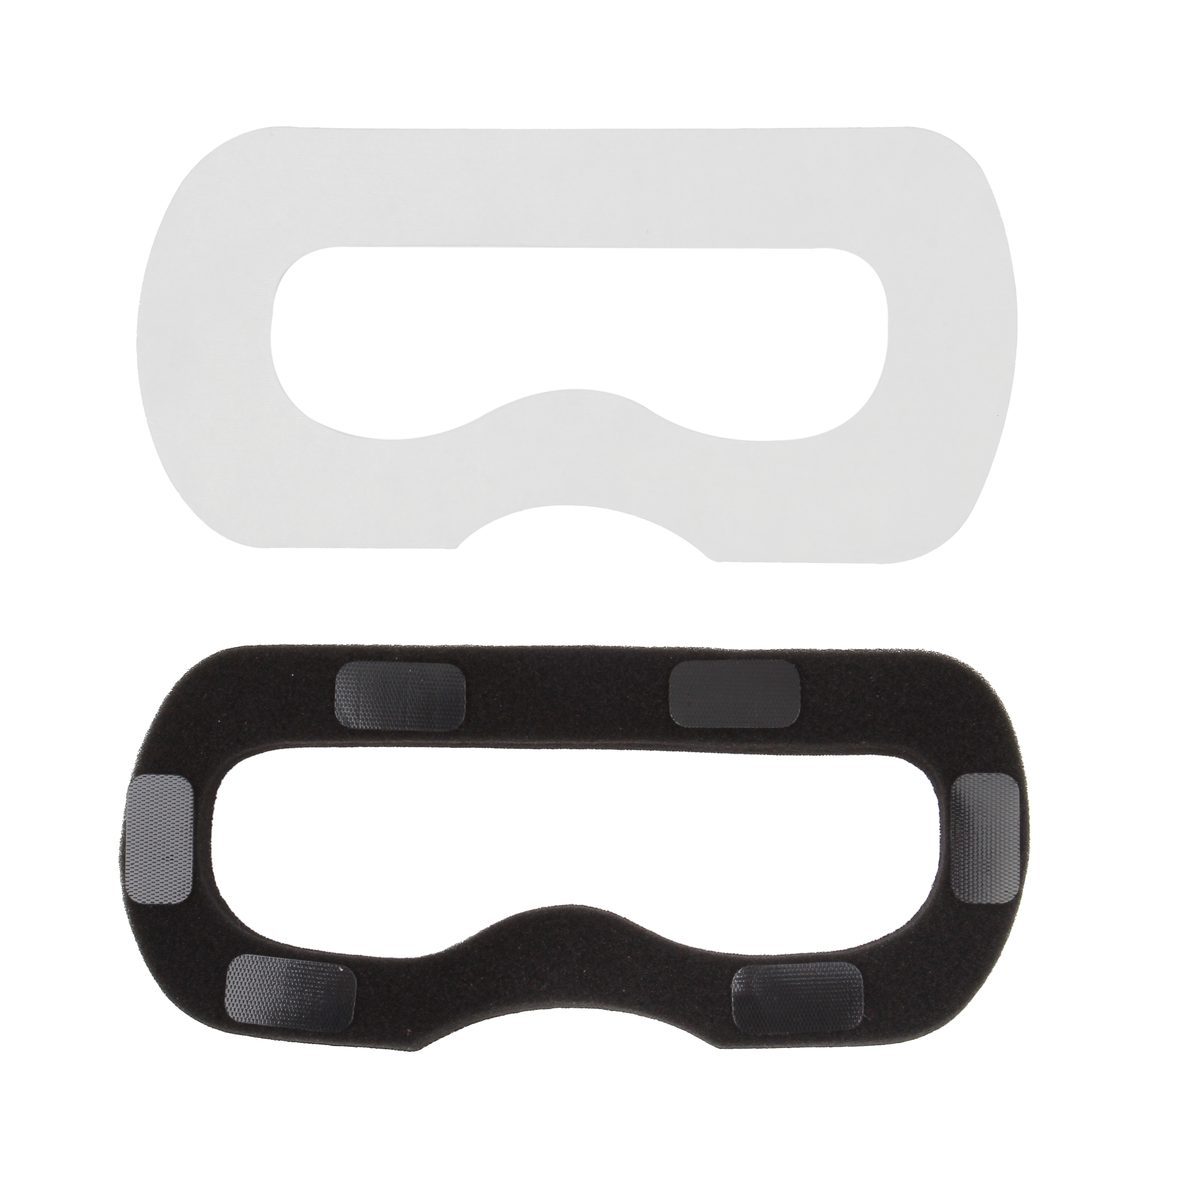 【100枚セット】HTC Vive 衛生布 アイマスク フェイスクッション1枚付 【送料無料】ctr-f16